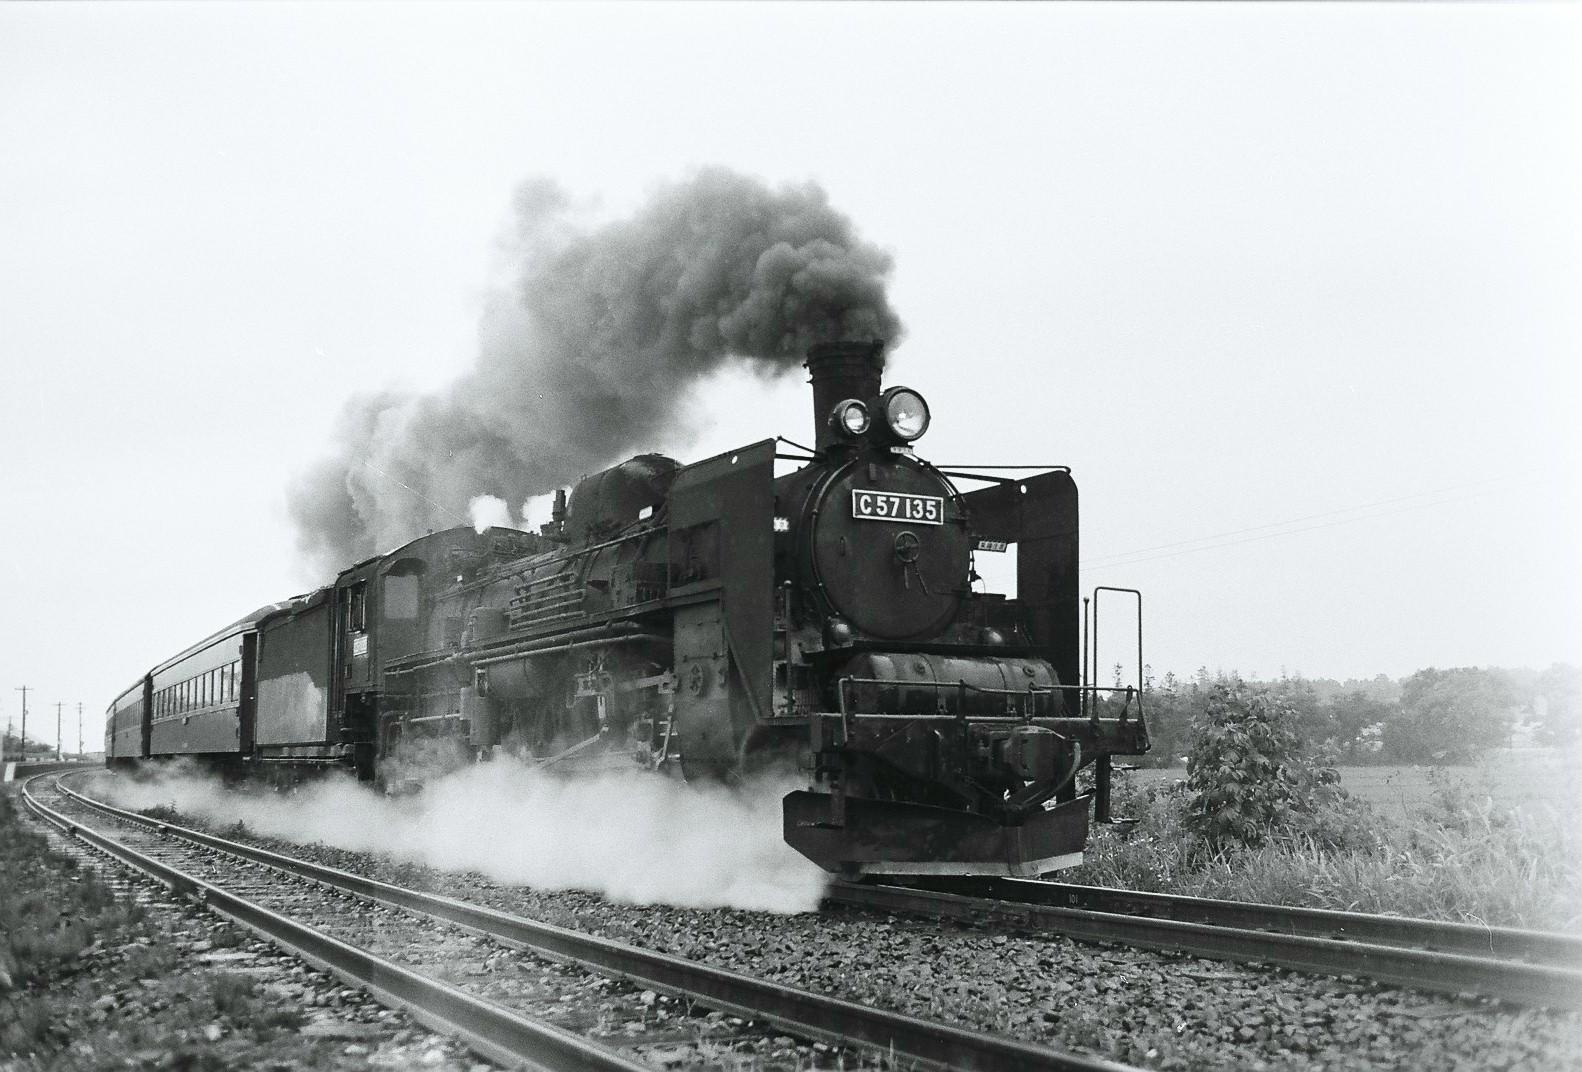 前の写真と同じ、1973年7月に室蘭本線栗丘駅付近で撮影された、C57形135号機けん引の列車。岩見沢第一機関区に所属する機関車です。この写真が撮影された2年後の1975年12月14日、国鉄最後の蒸気機関車けん引列車が室蘭本線室蘭~岩見沢間で運転されるのですが、この列車のけん引機に抜擢されたのが135号機でした。同機はこの経歴により、国鉄蒸機のマイルストーン的存在として、廃車後は交通博物館(東京都)に収蔵、展示保存されます。同館の閉館後は、2007年に開館した鉄道博物館(埼玉県)に移され、現在も同館「車両ステーション」の目玉展示の一つとして、来場者の注目の的となっています。C57形135号機けん引による最後の蒸気機関車けん引旅客列車運転後も、国鉄蒸機の歴史は少しだけ続きました。1975年12月24日、D51形のけん引による、最後のSL貨物列車が夕張線(当時)で運転され、営業線上のSL「列車」は全廃。翌1976年の3月、追分機関区の9600形の入換仕業が消滅したことにより、国鉄線上から保存機以外の蒸気機関車の火は消えることとなりました。